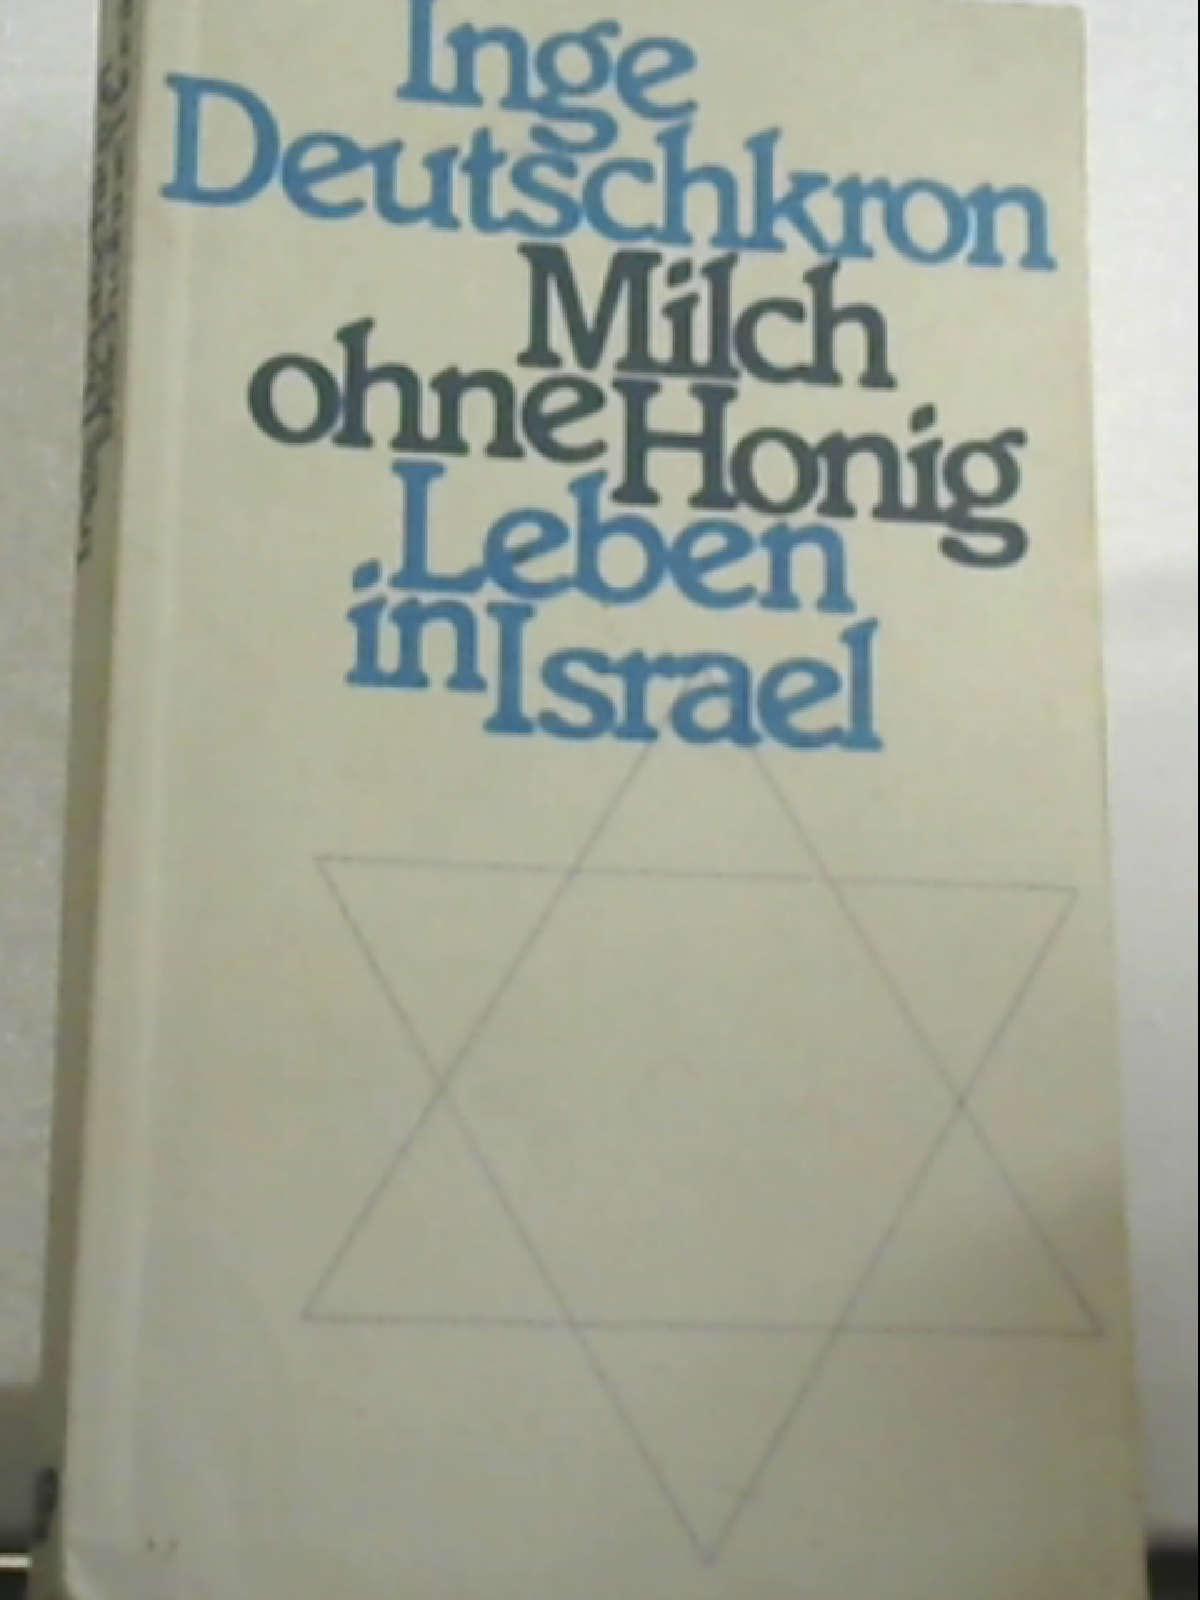 Milch ohne Honig. Leben in Israel Deutschkron, Inge - Inge Deutschkron